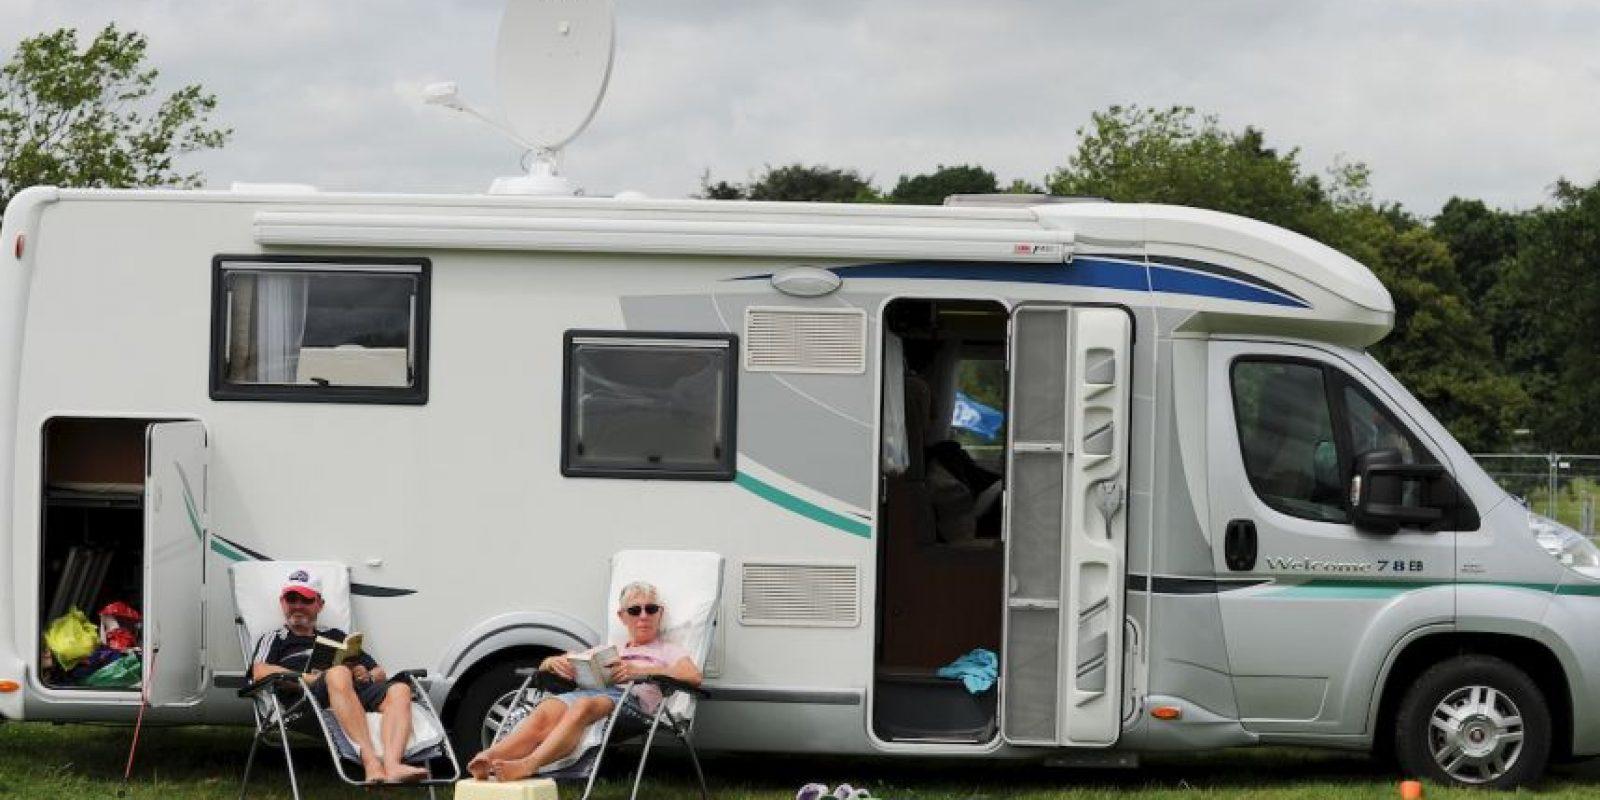 """Sí, en el sitio de ventas online """"E-Bay"""" se ofrecen varios """"campers"""" desde 3 mil 051 dólares. Foto:Getty Images"""